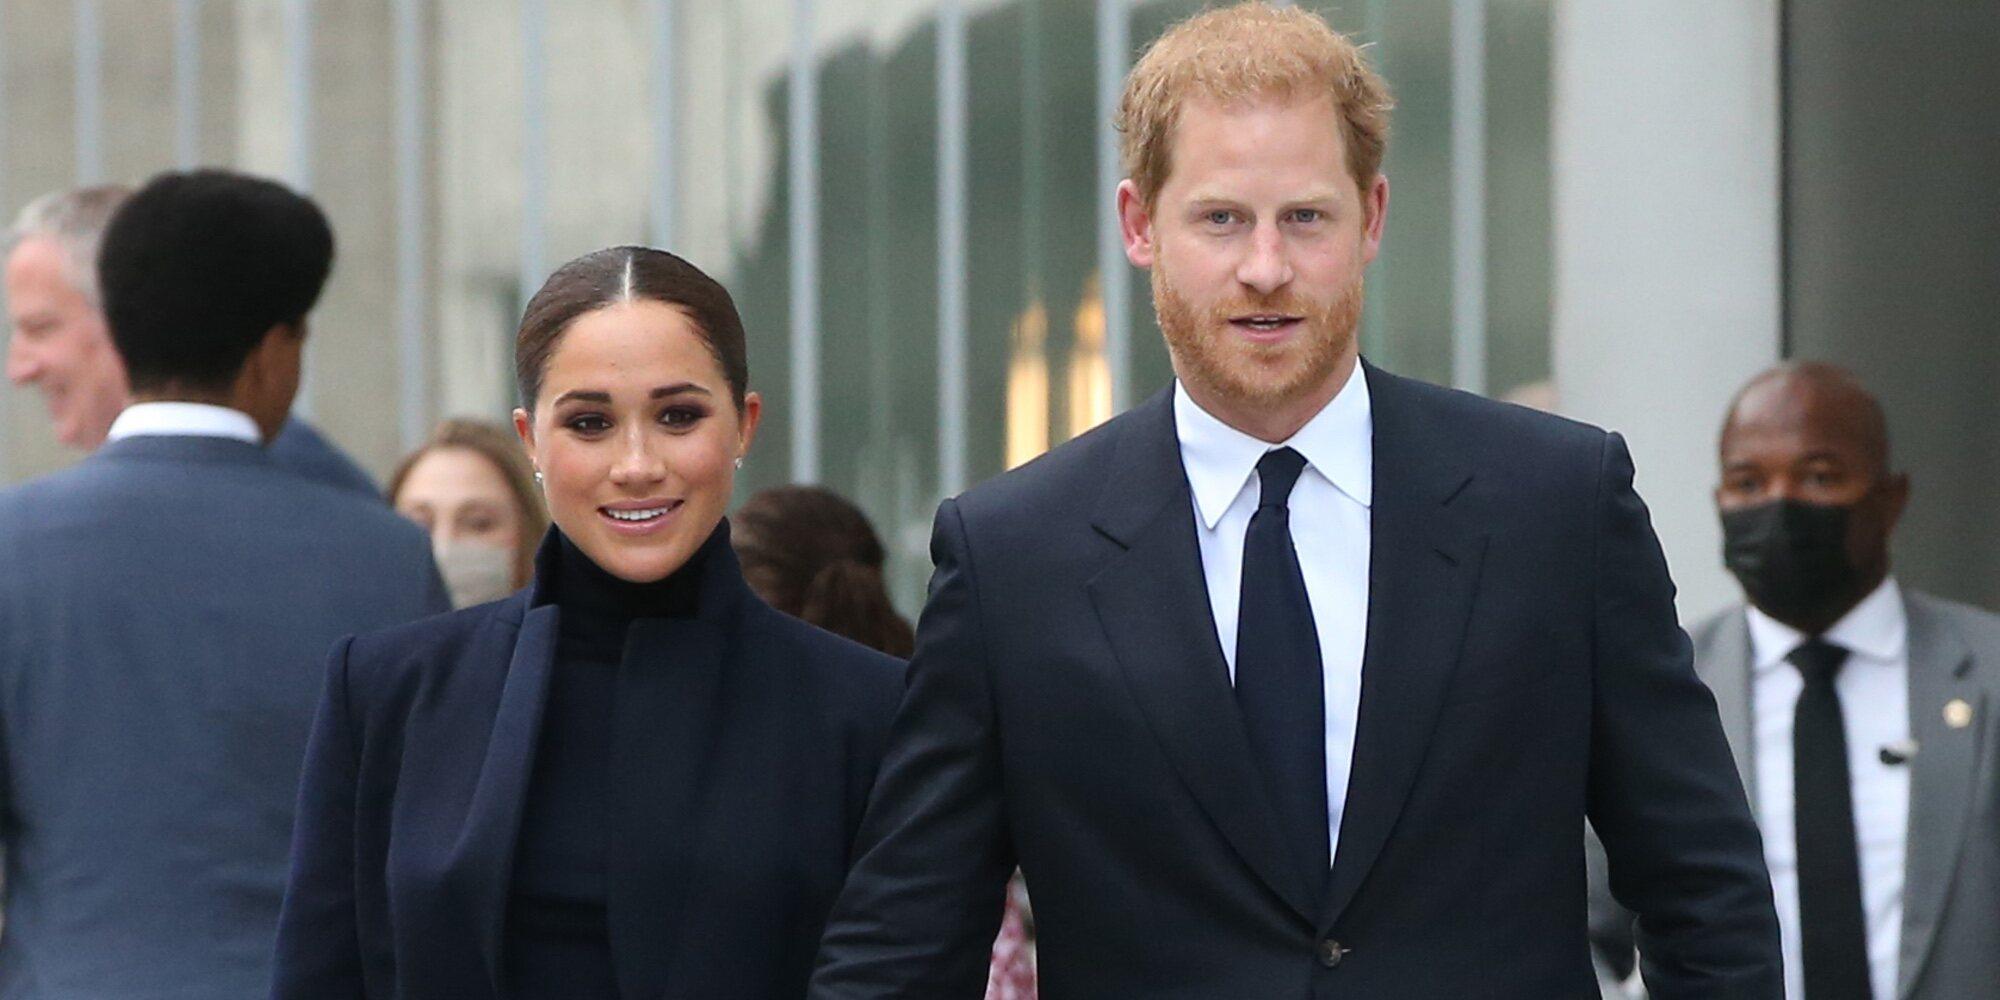 El regreso del Príncipe Harry y Meghan Markle a la vida pública: viaje a Nueva York y muchas ganas